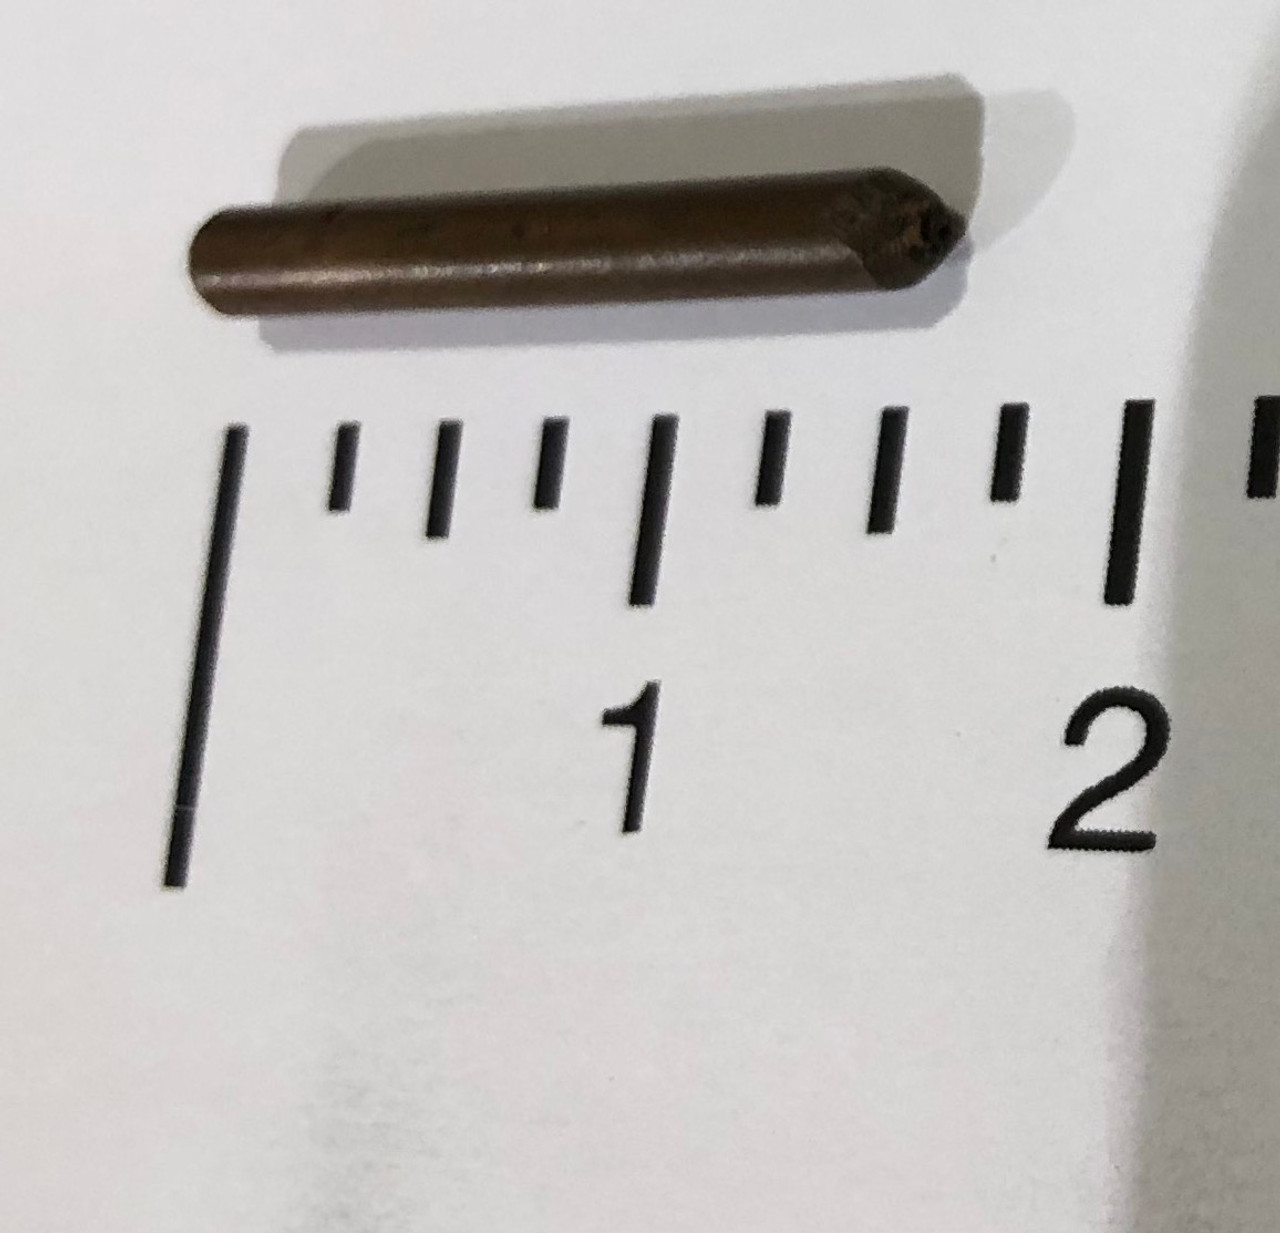 16: RIVET, Clutch Plate